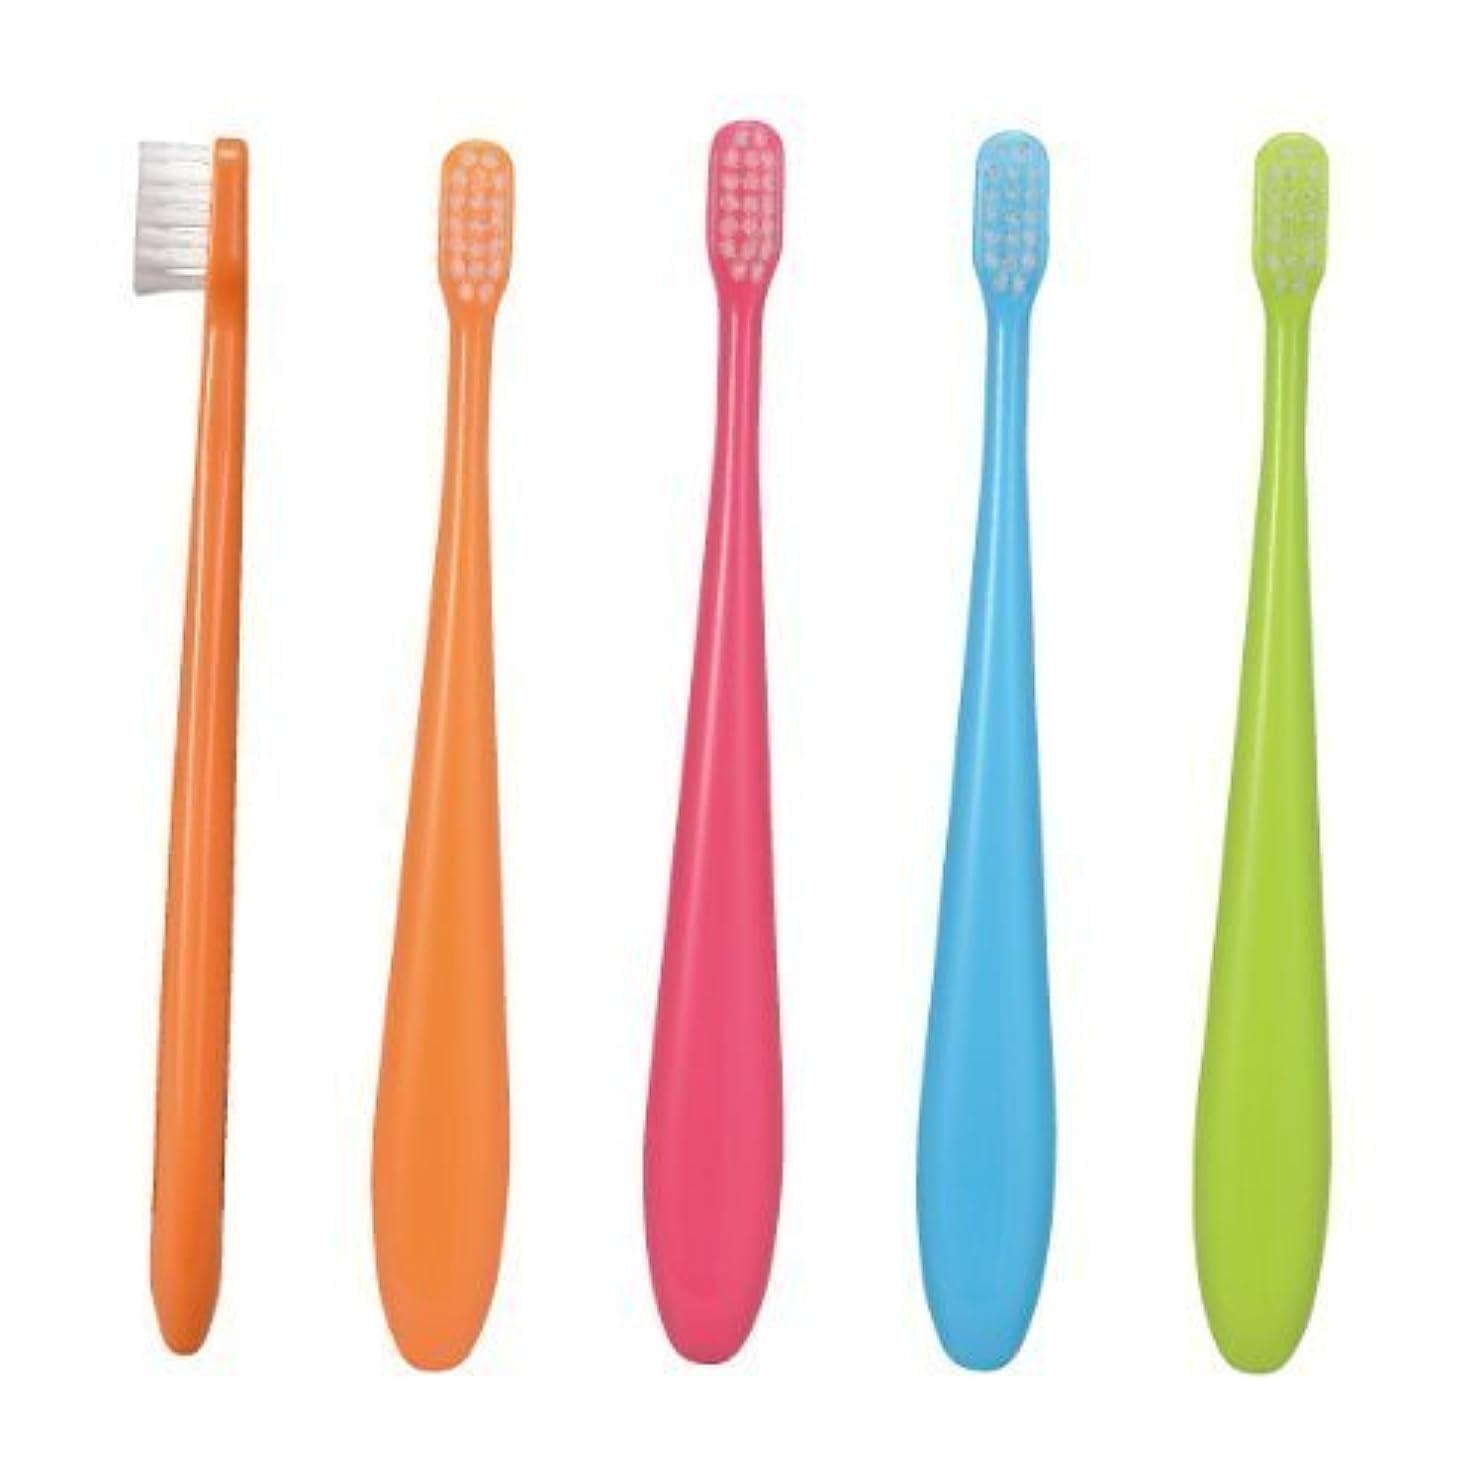 Ciミニ歯ブラシ/ミディ 50本入り/Mふつう